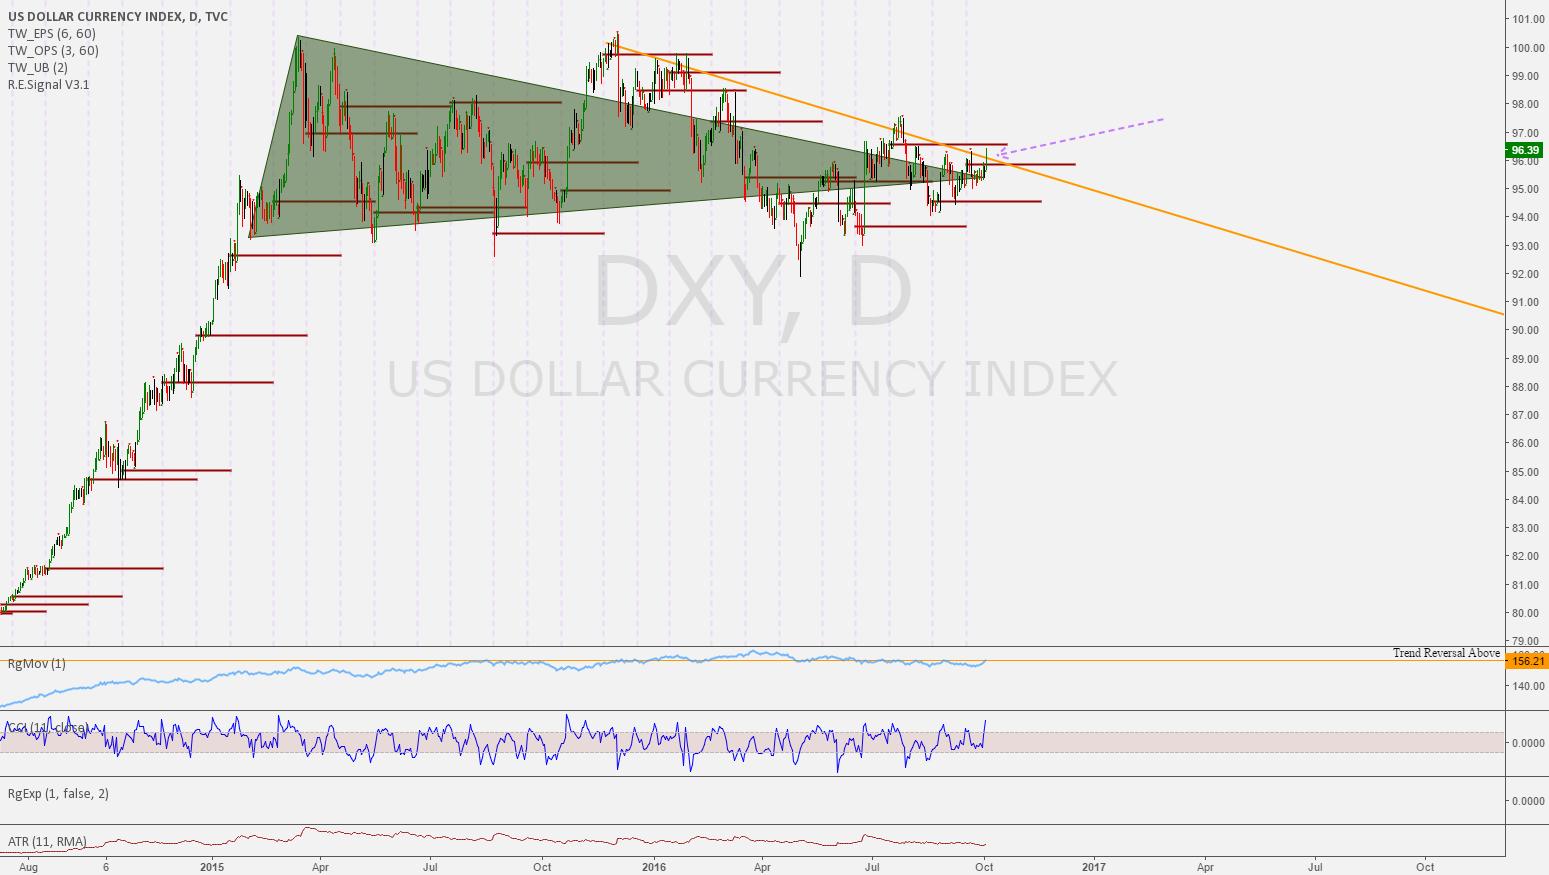 DXY Trend Reversal